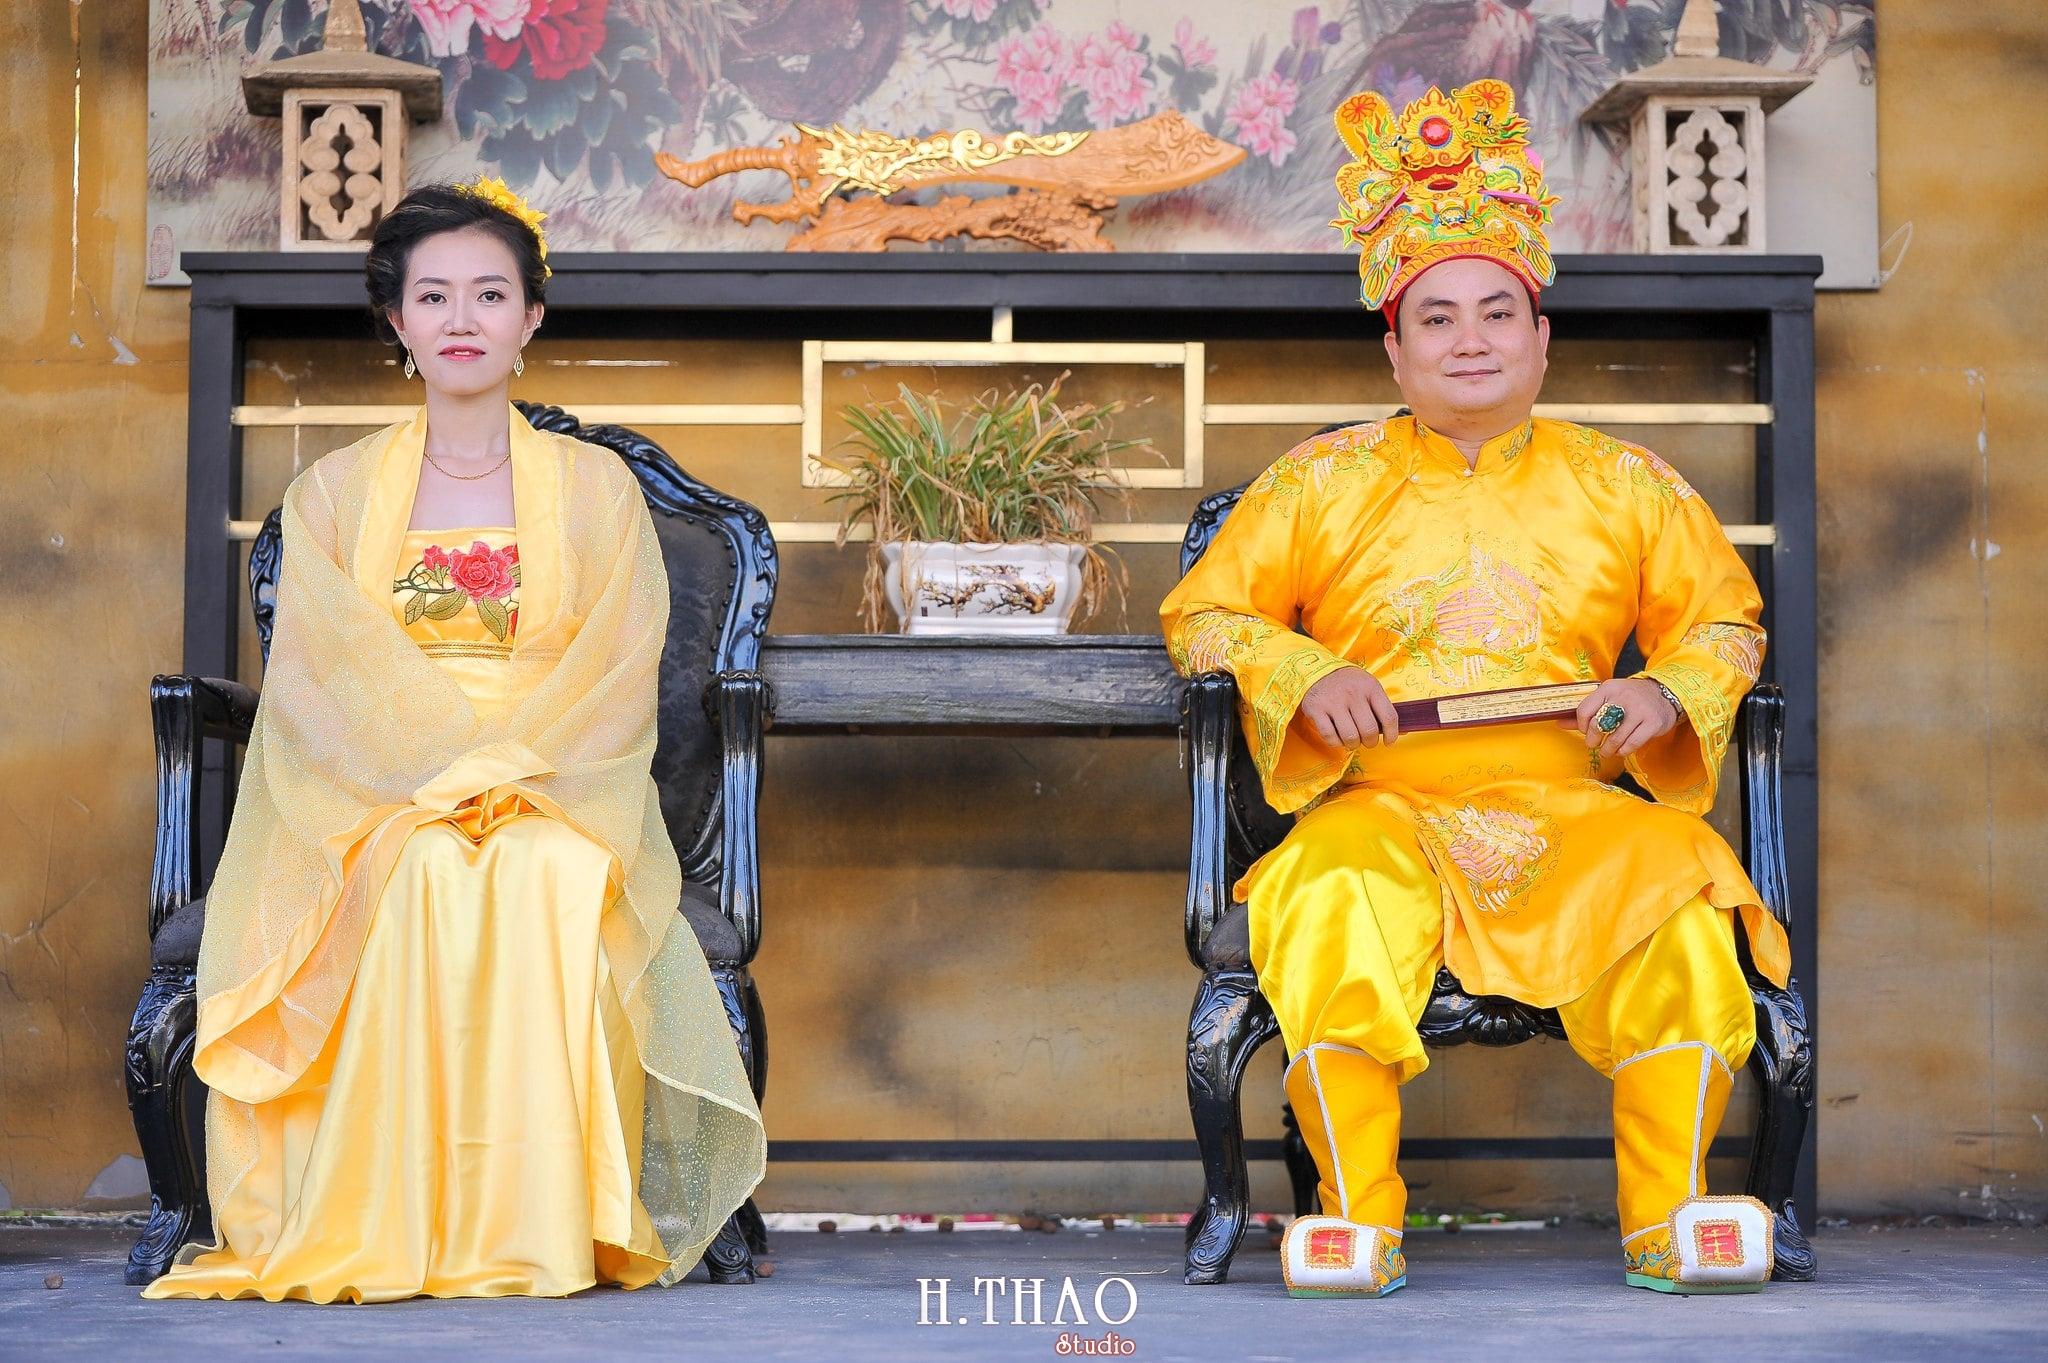 Anh co trang vua va hoang hau 1 - Báo giá chụp ảnh cổ trang đẹp độc lạ tại Tp.HCM - HThao Studio